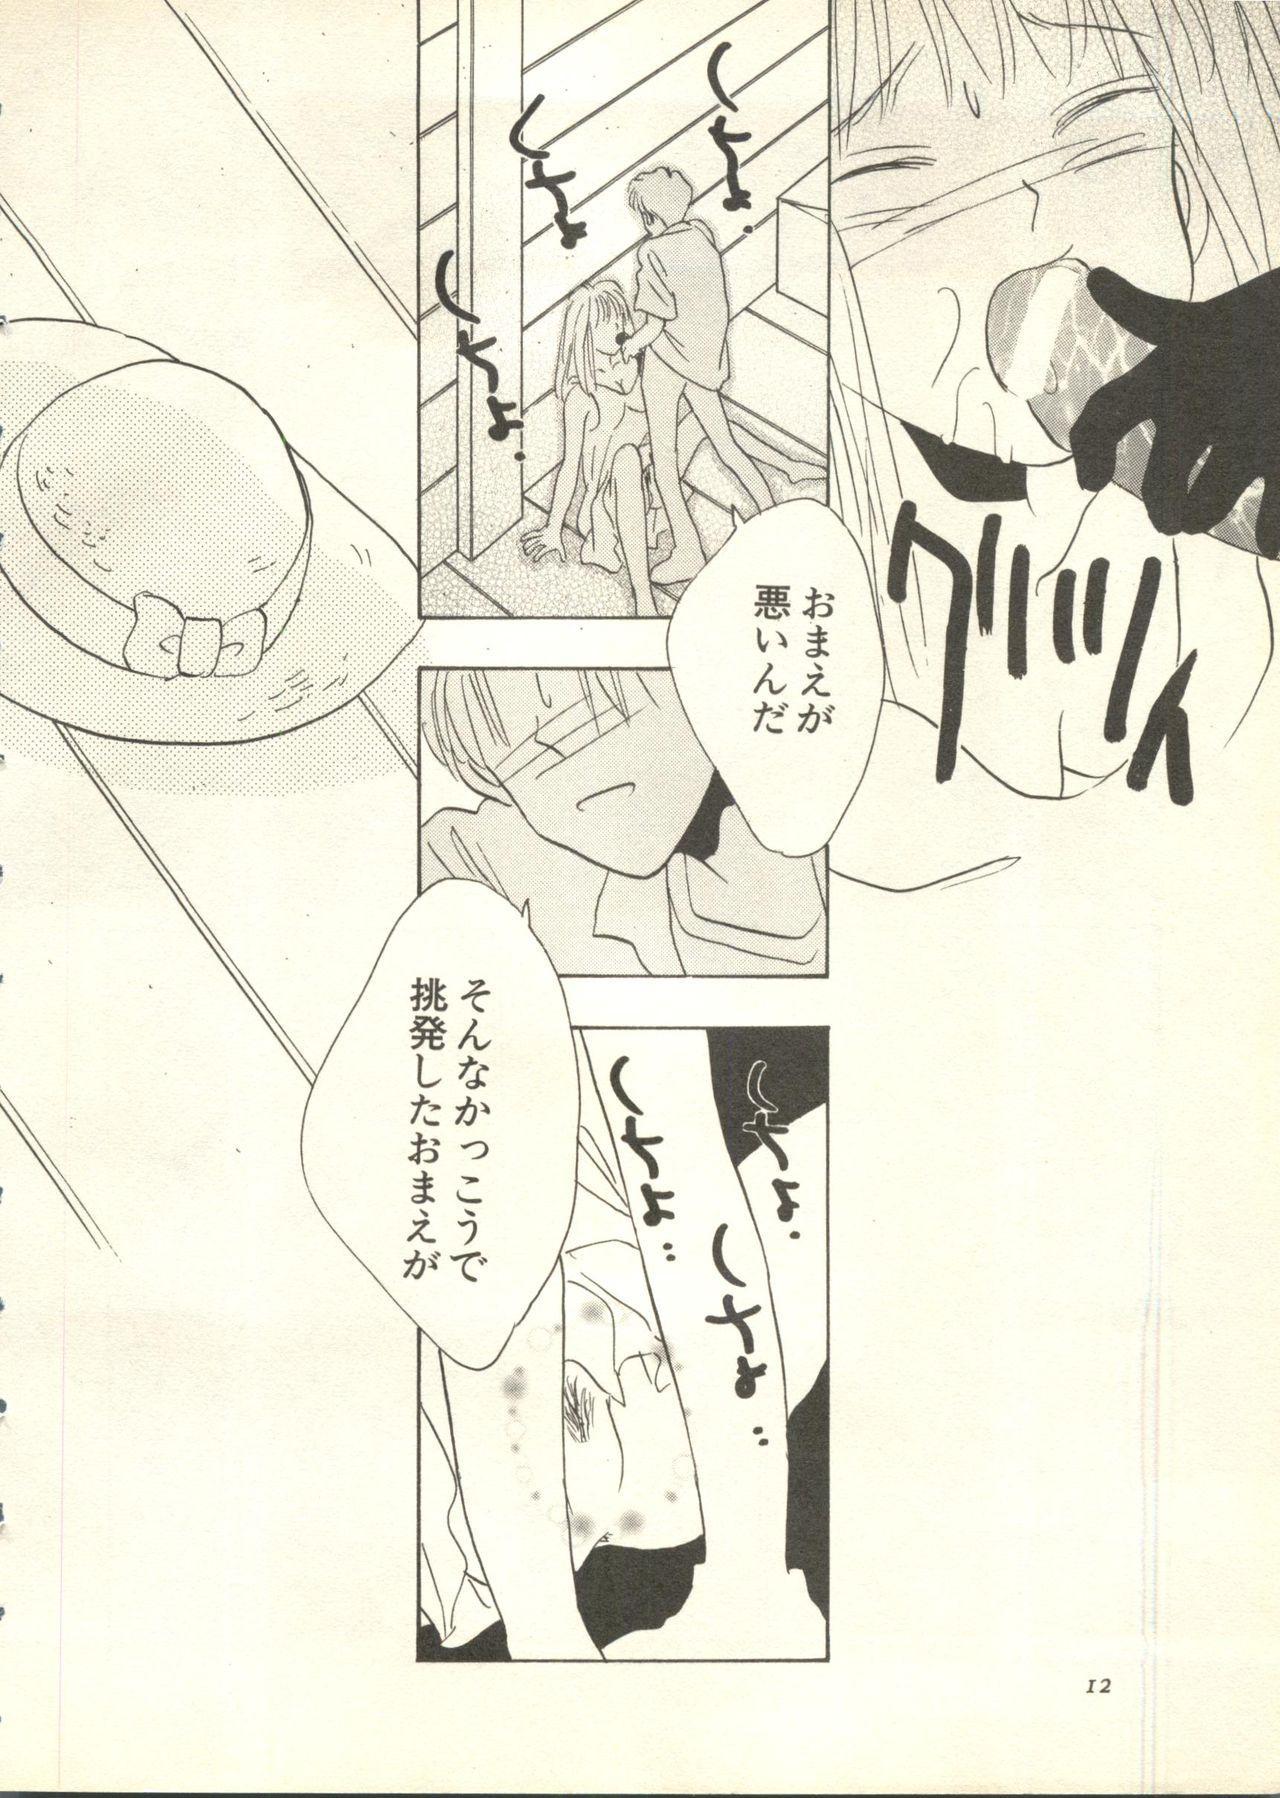 Pai;kuu 1998 July Vol. 11 12